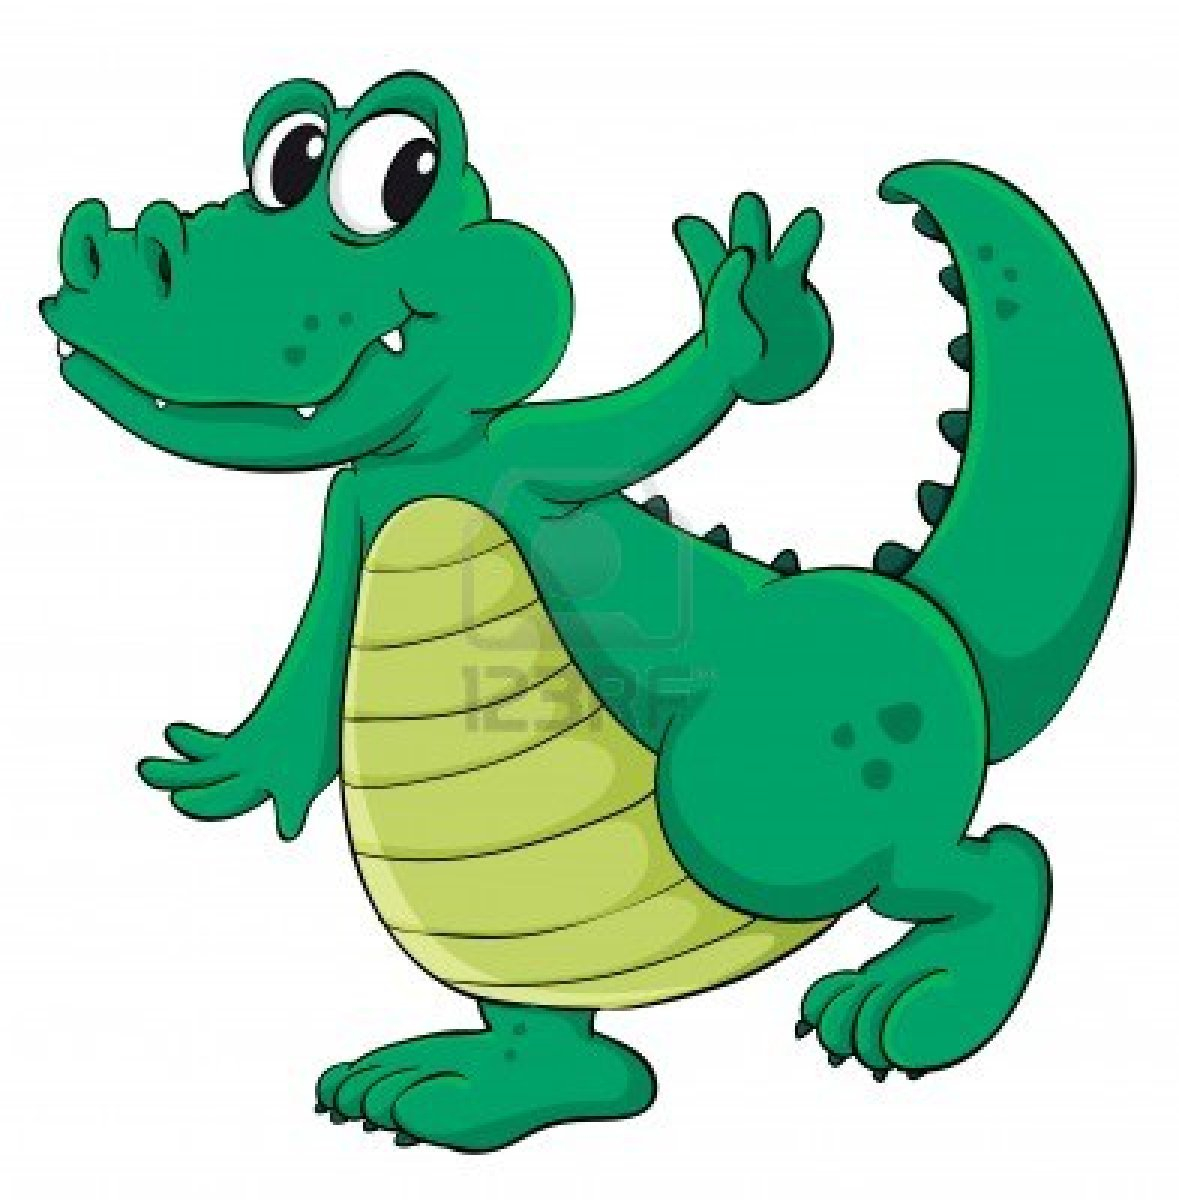 Dessins En Couleurs À Imprimer : Crocodile, Numéro : 219123 dedans Photo De Crocodile A Imprimer